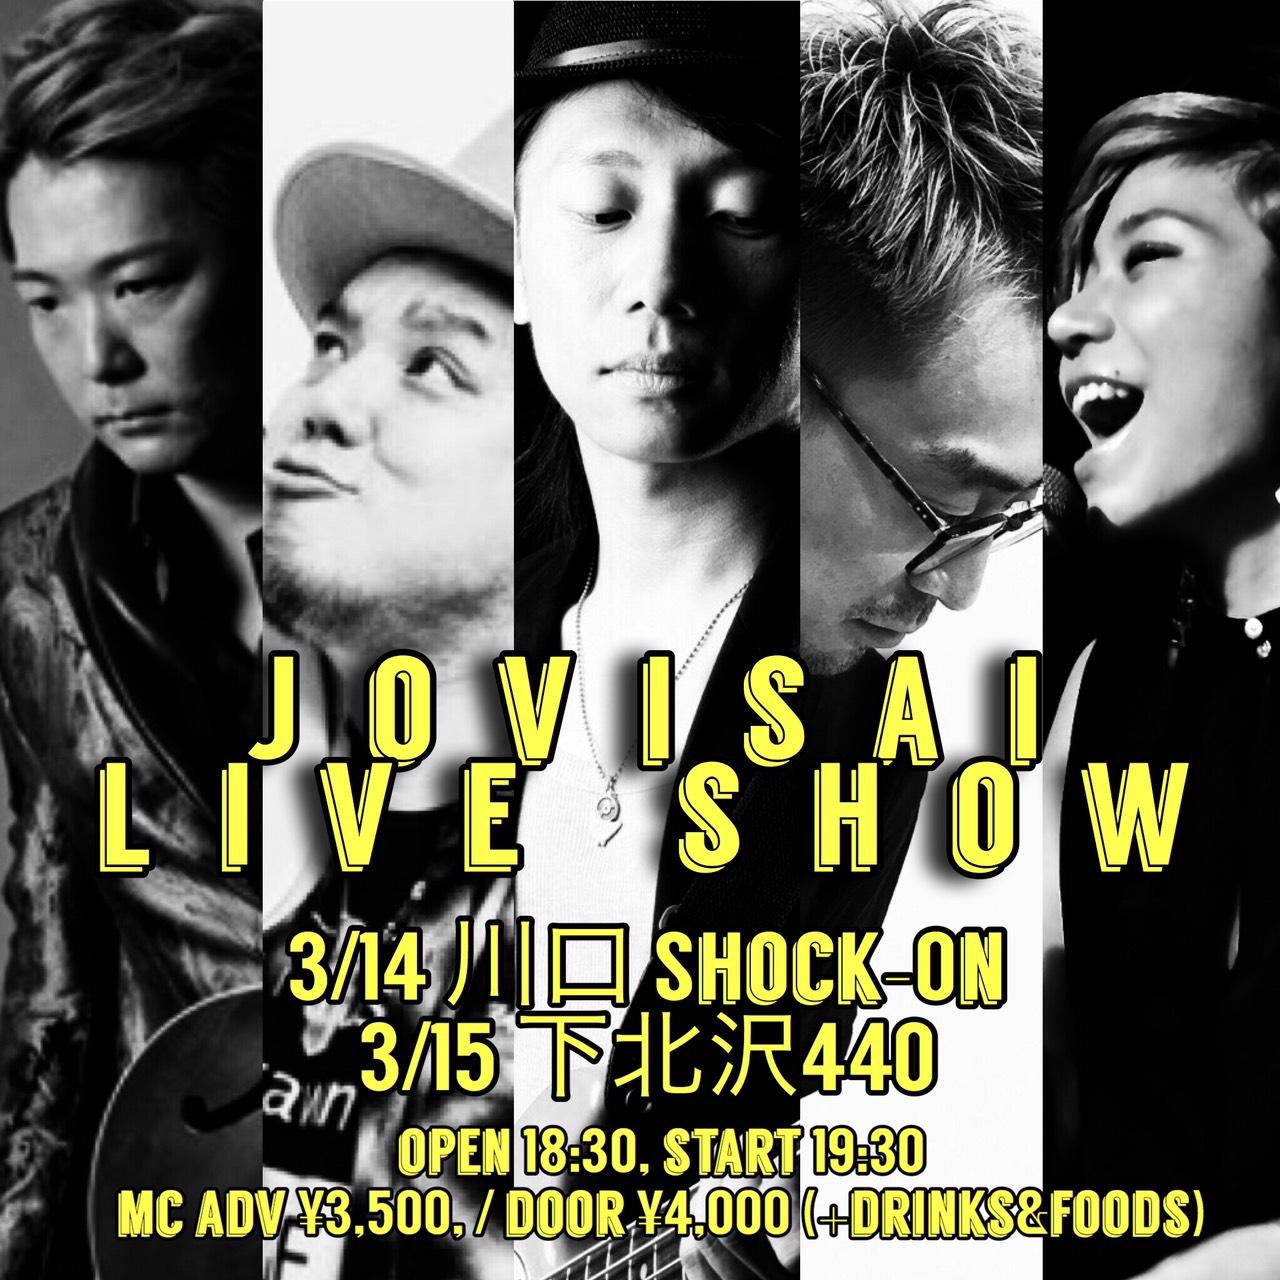 Jovisai live show